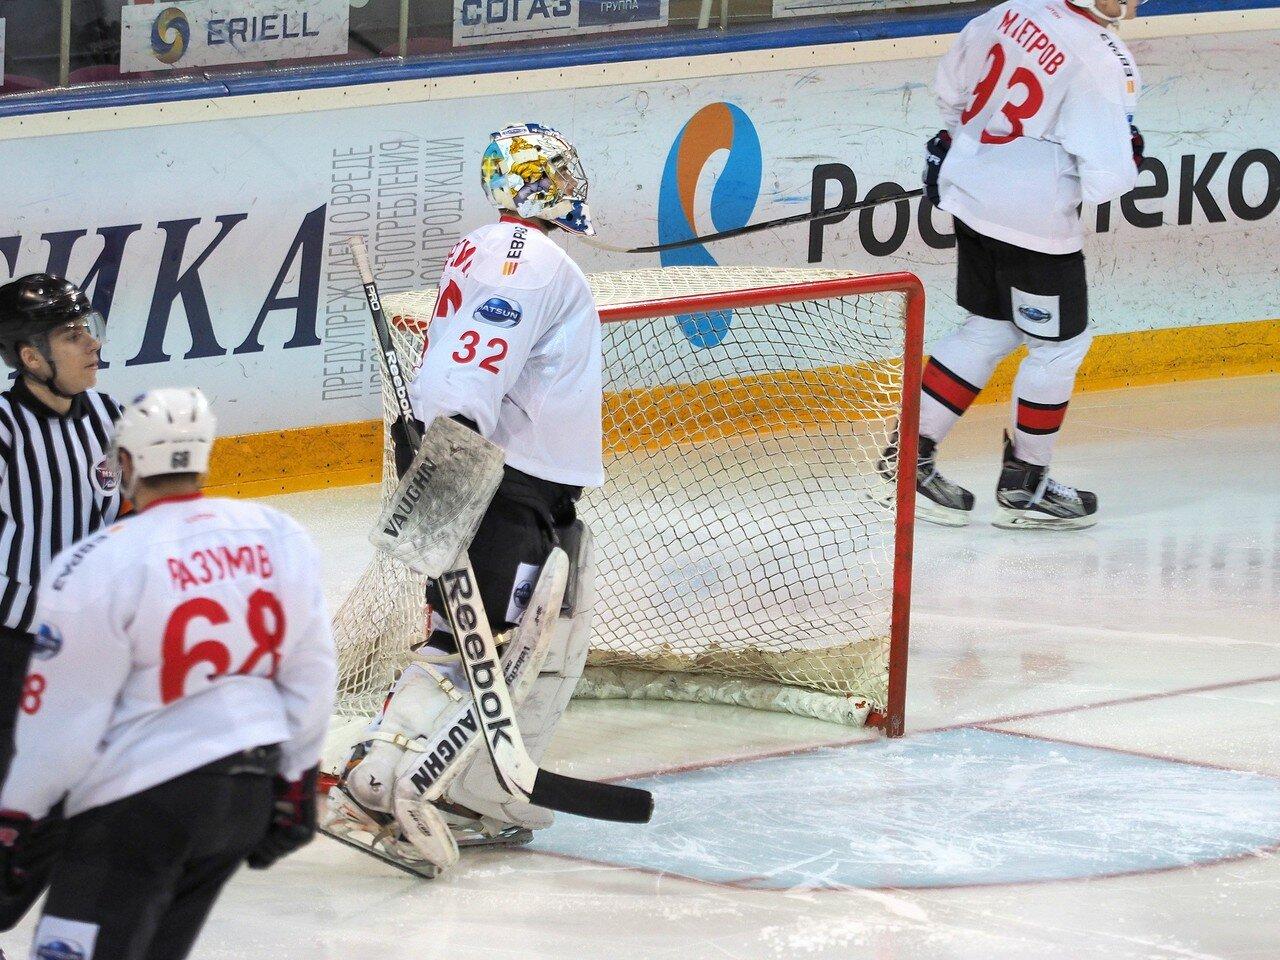 41/8 Плей-офф 2016 МХЛ Стальные Лисы - Кузнецкие Медведи 09.03.2016